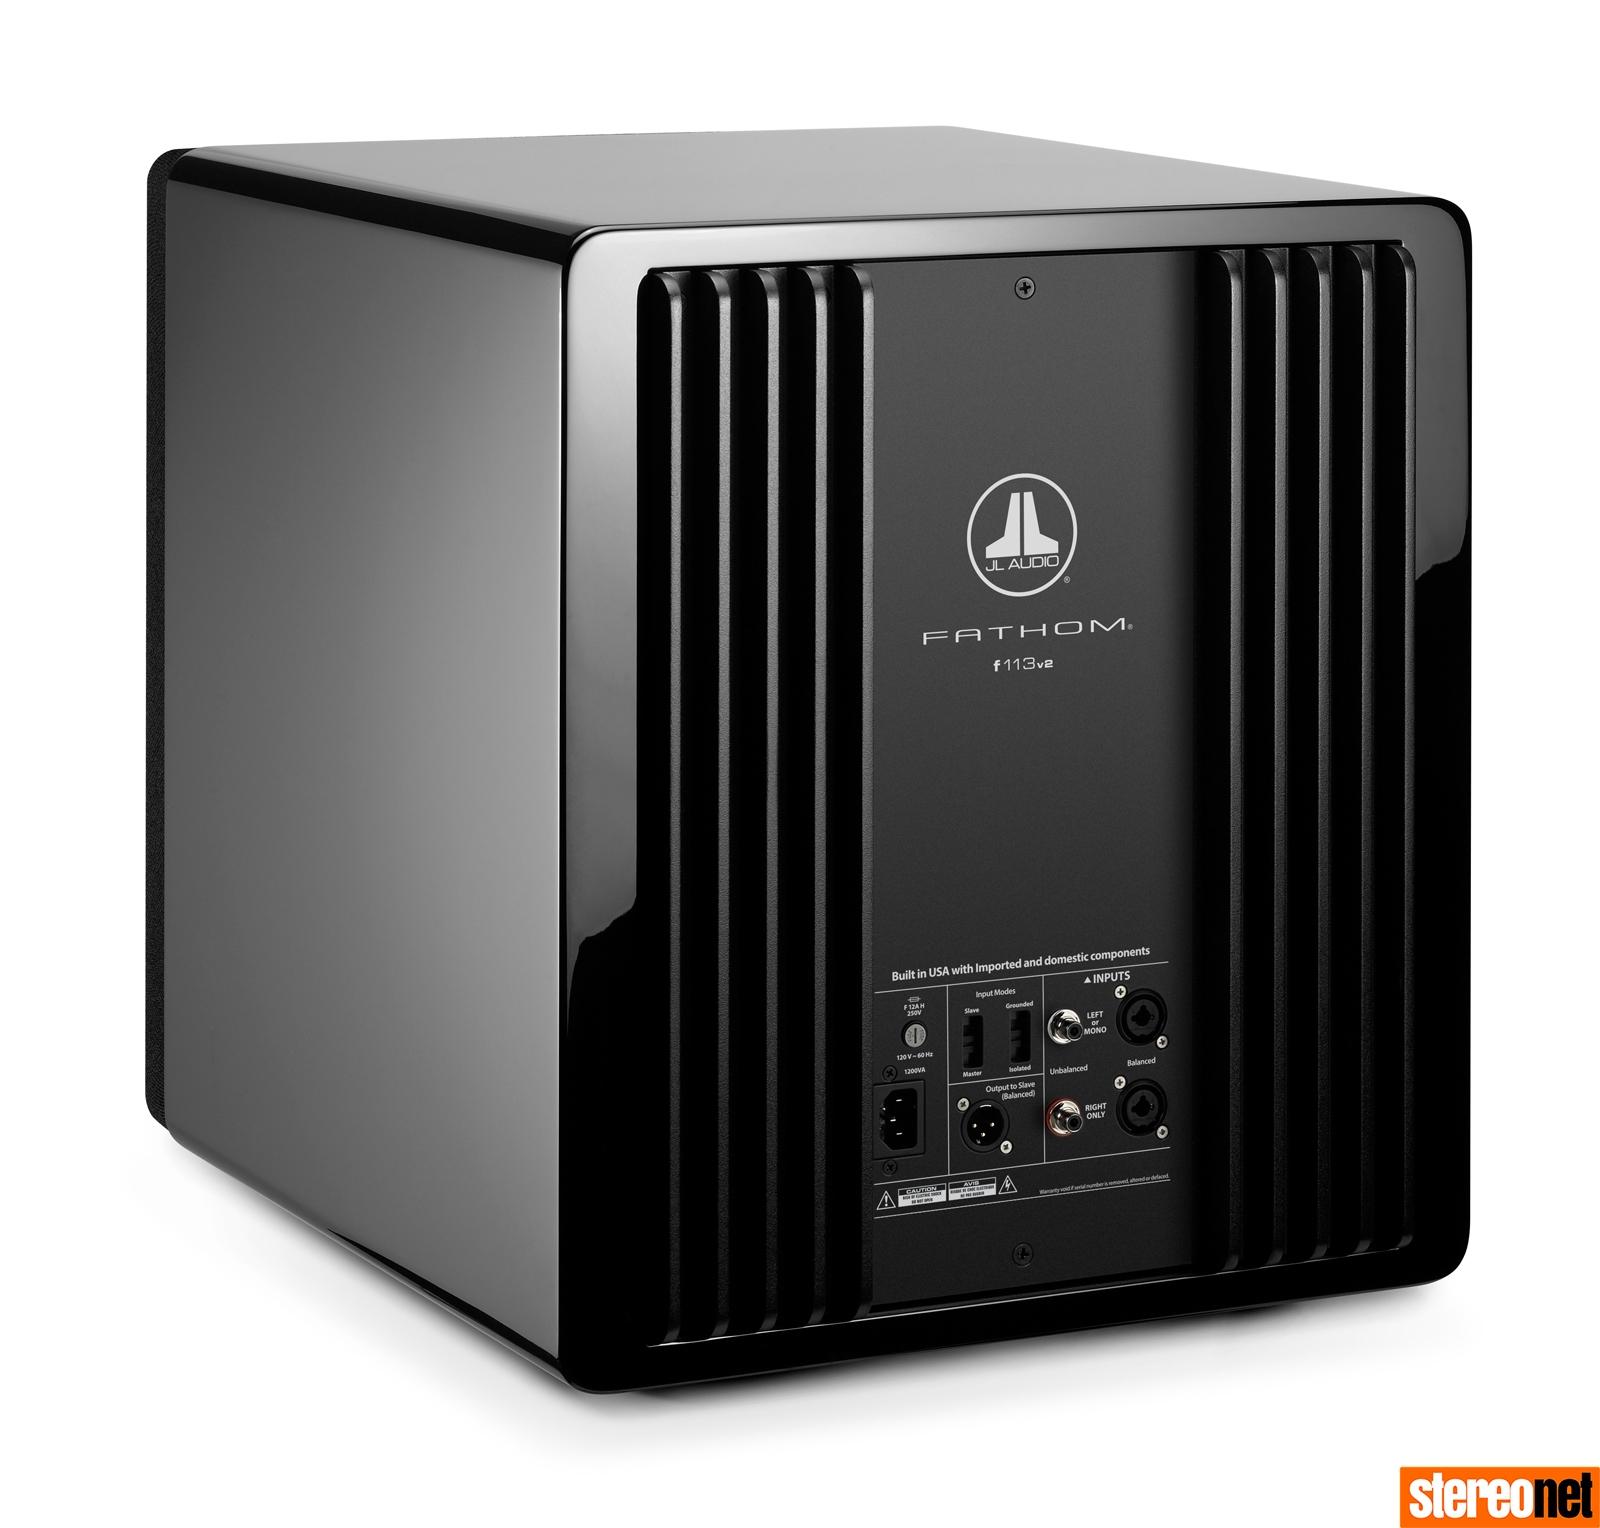 JL Audio Fathom F113 V2 review